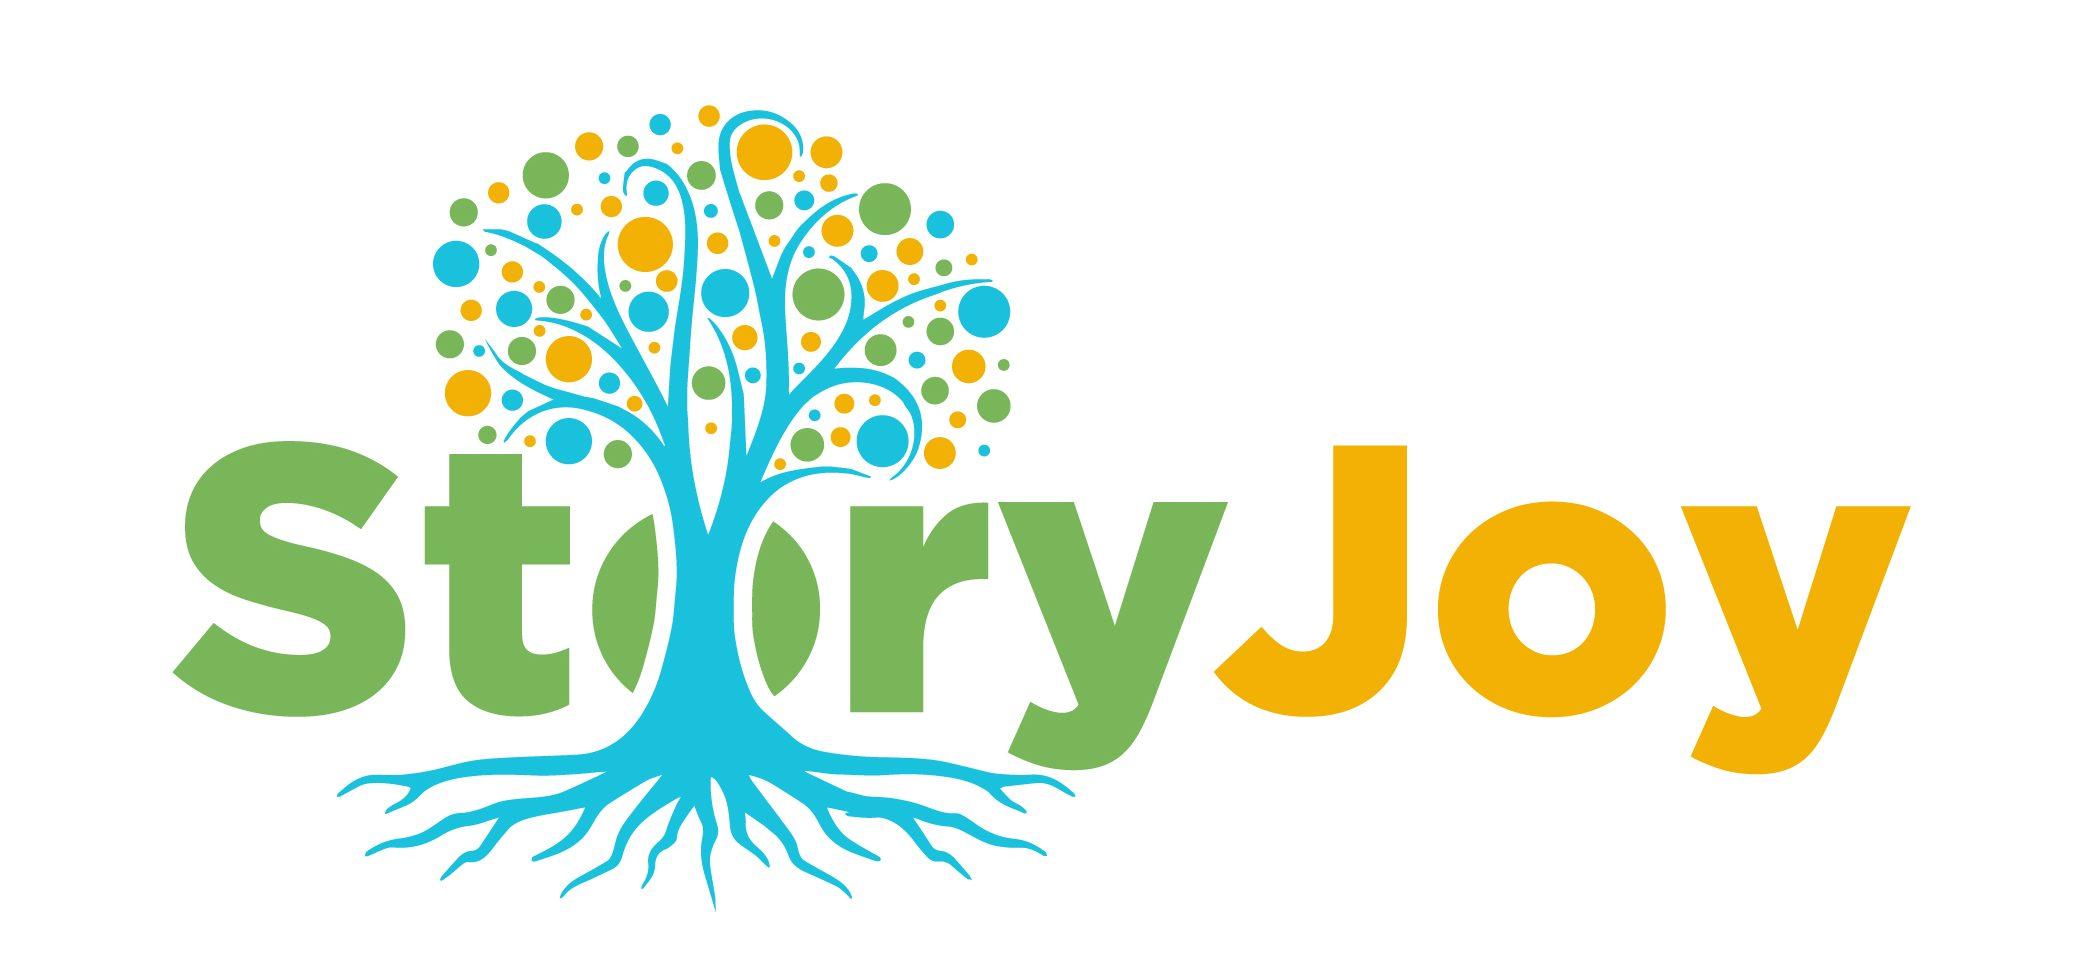 StoryJoy